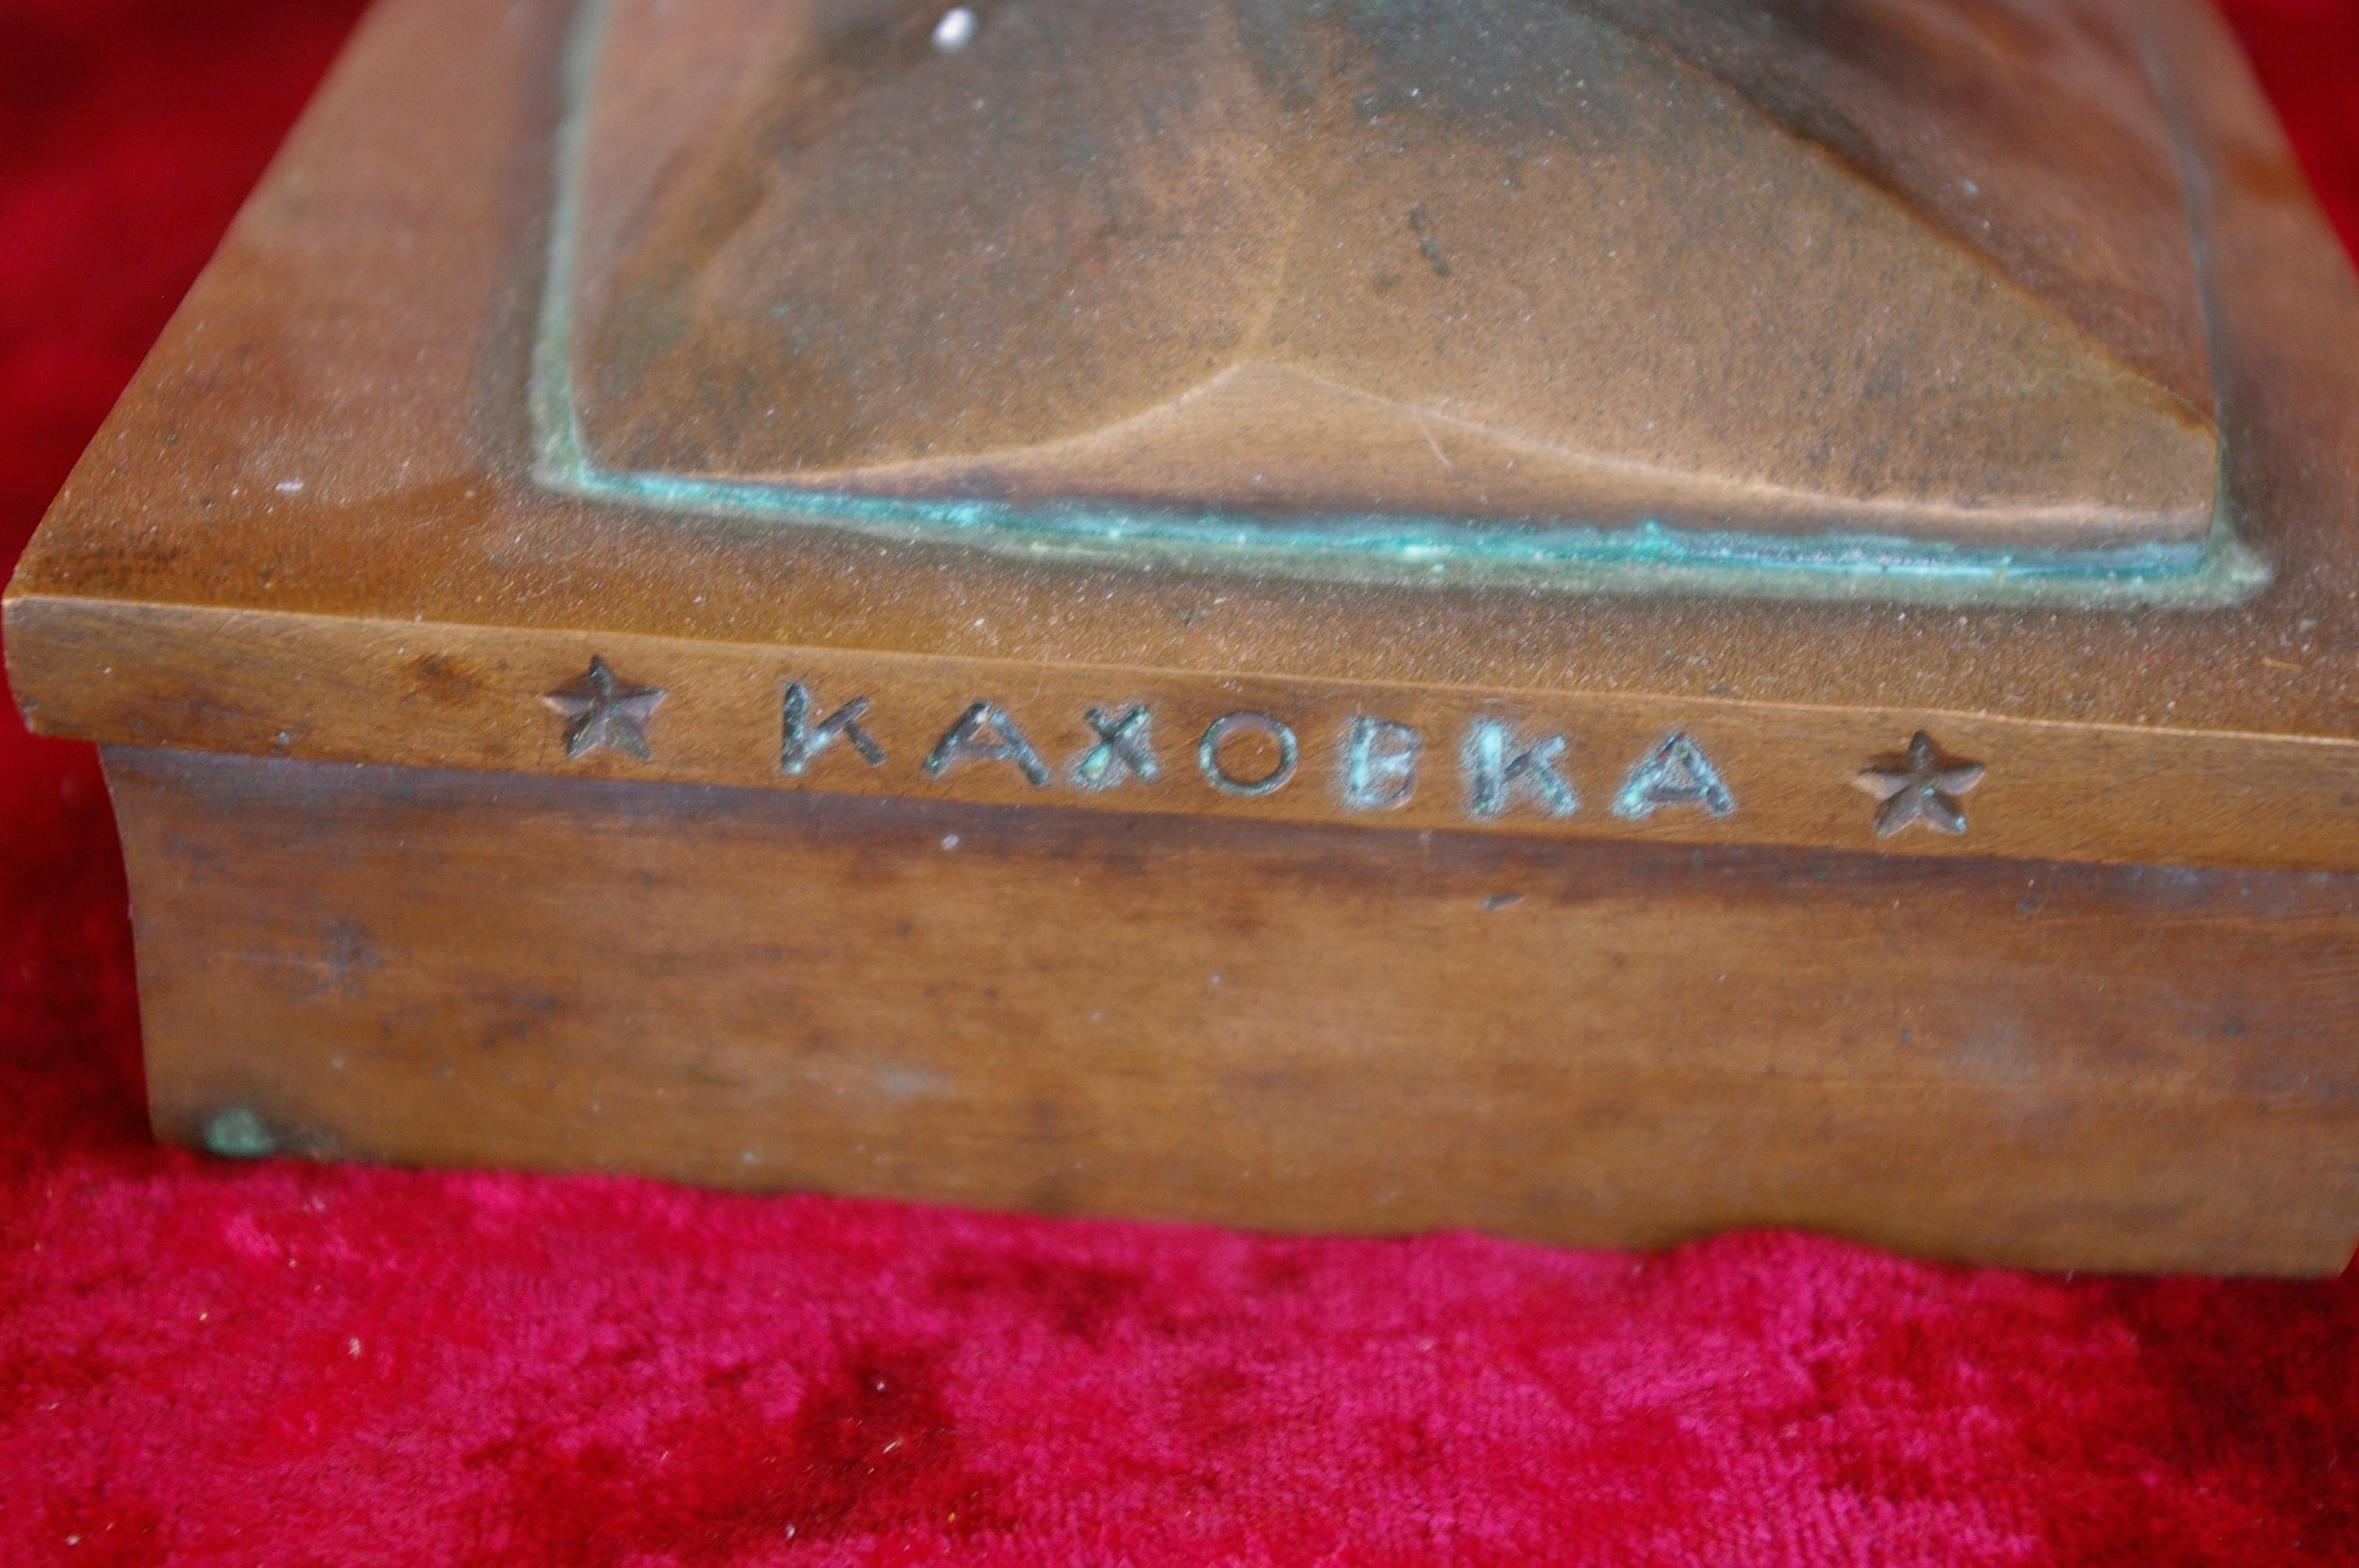 Скульптура Тачанка, материал бронза, высота 14 см., ширина 24 см., длина 11 см. - 2